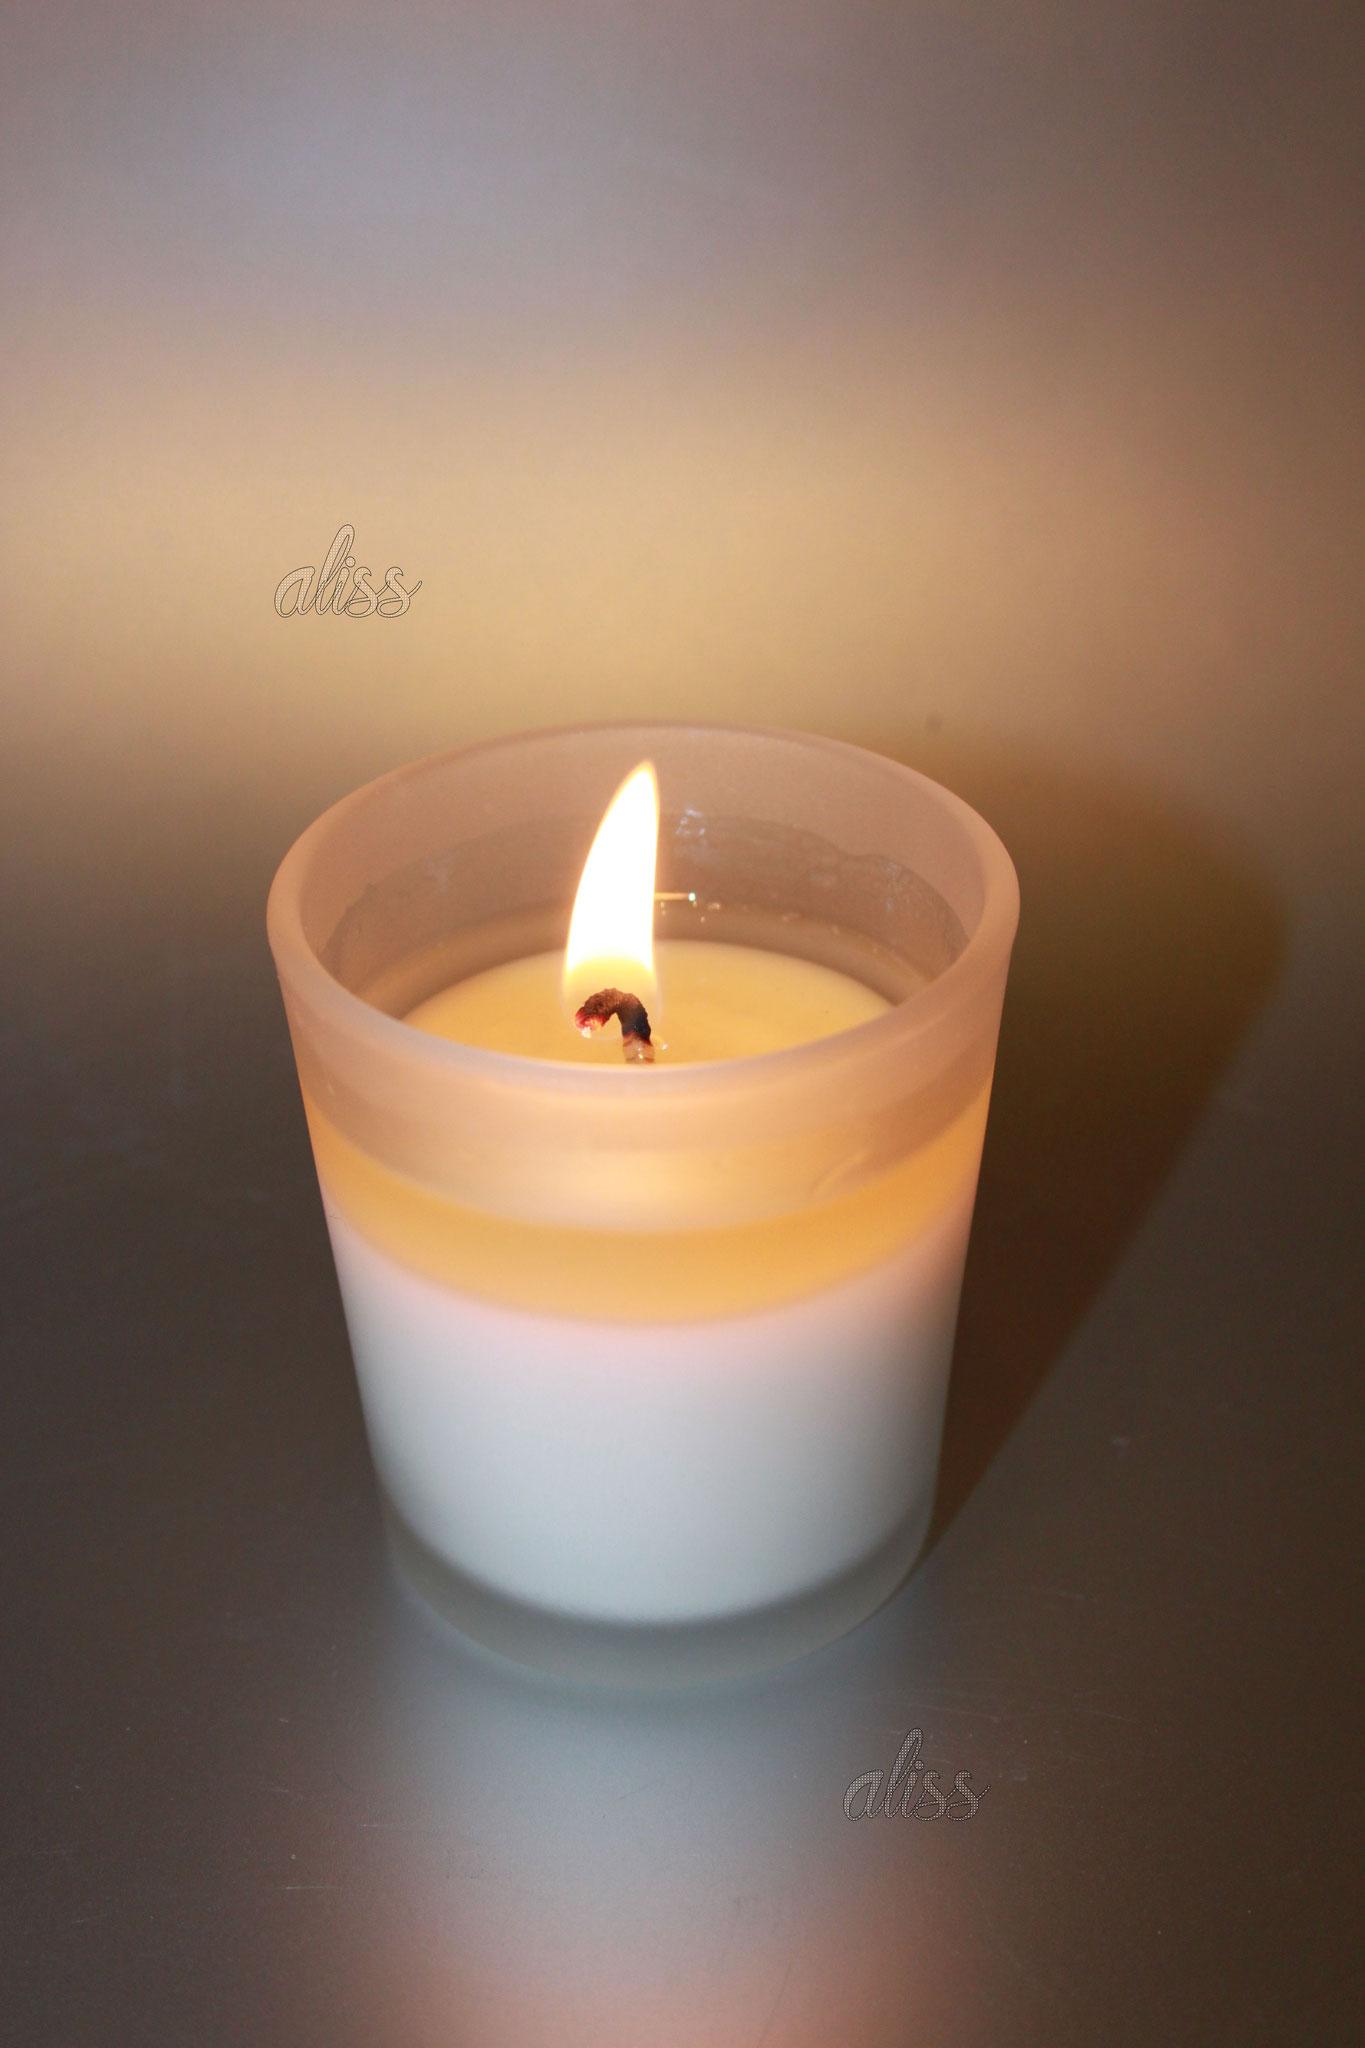 bienvenue aliss bougies parfum es en cire v g tale de soja. Black Bedroom Furniture Sets. Home Design Ideas